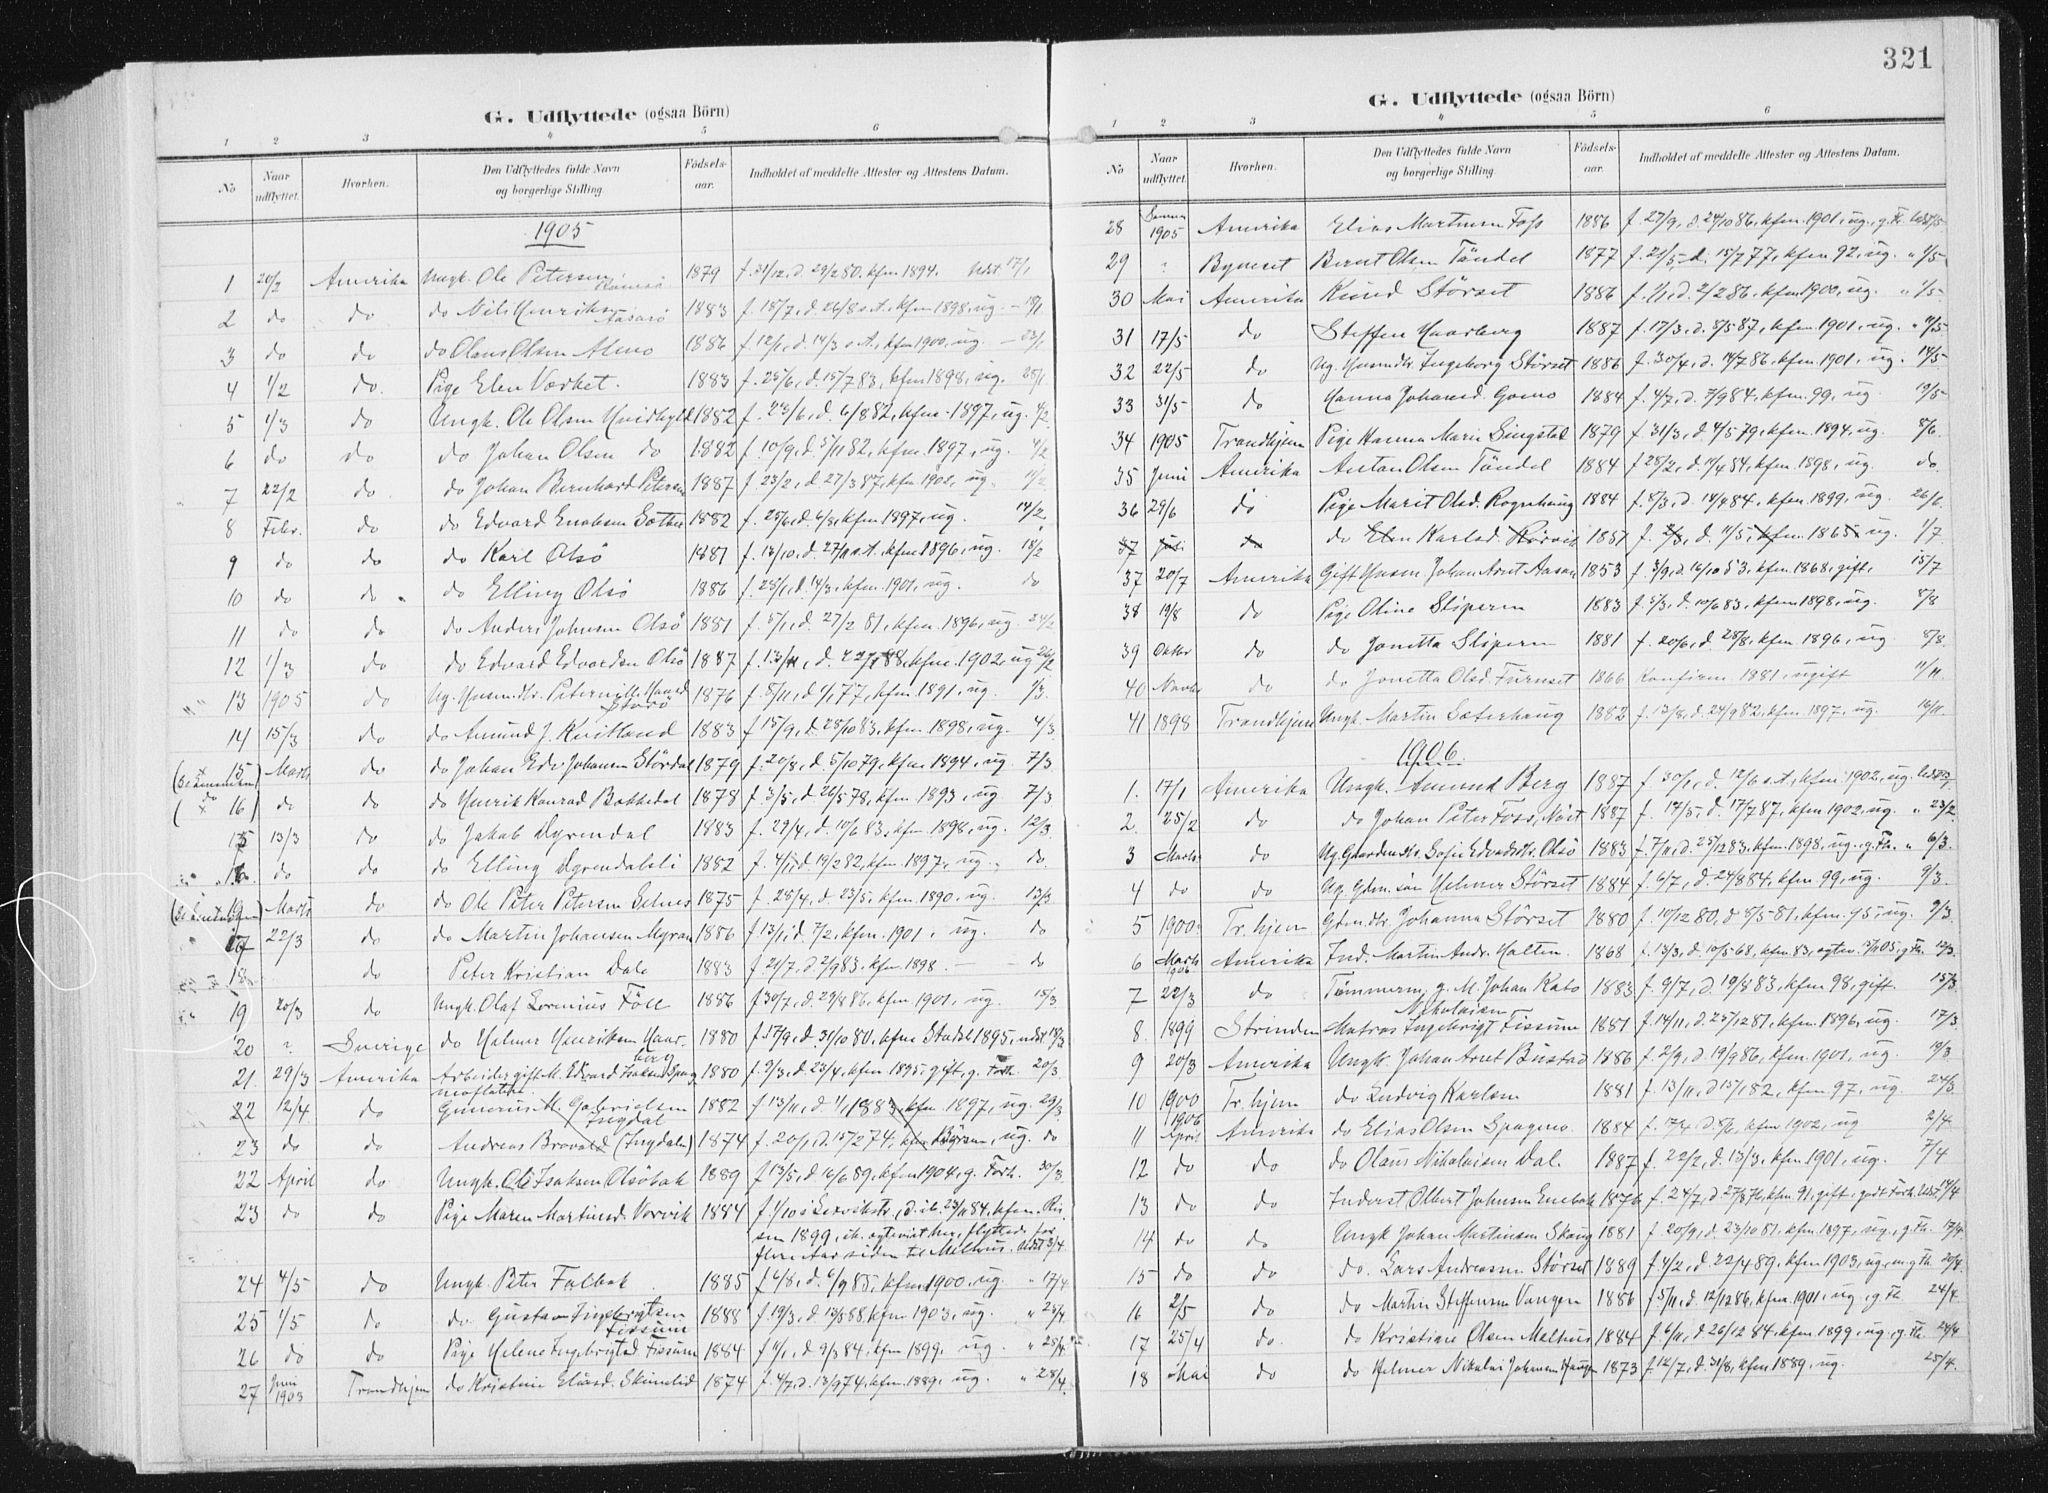 SAT, Ministerialprotokoller, klokkerbøker og fødselsregistre - Sør-Trøndelag, 647/L0635: Ministerialbok nr. 647A02, 1896-1911, s. 321